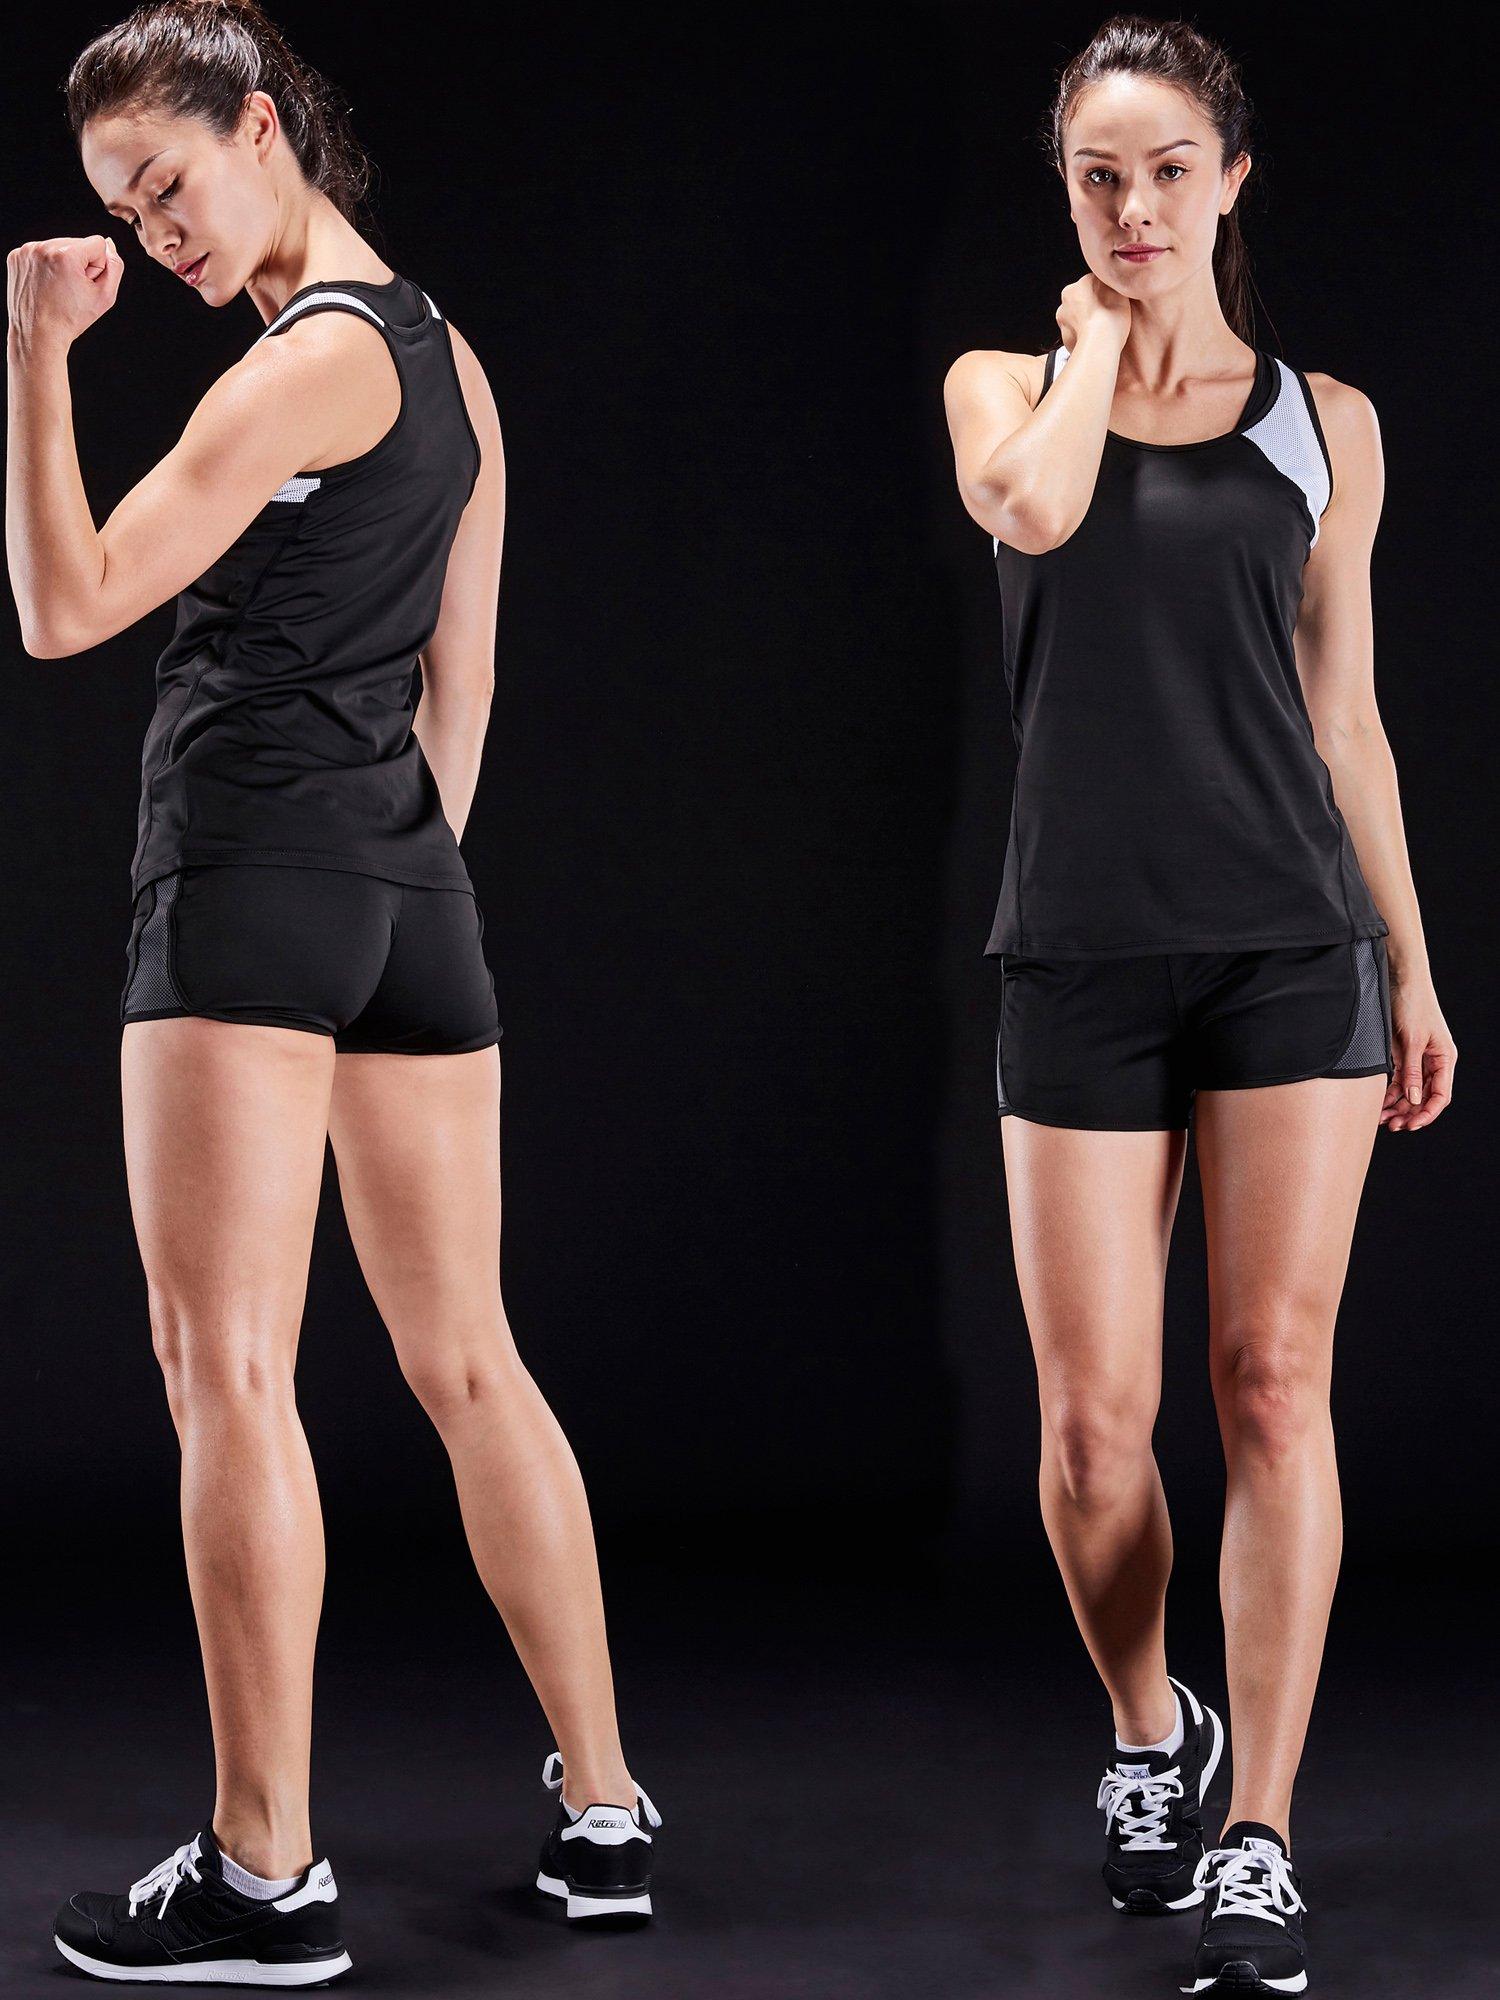 Women's Yoga Workout Tank Top 5